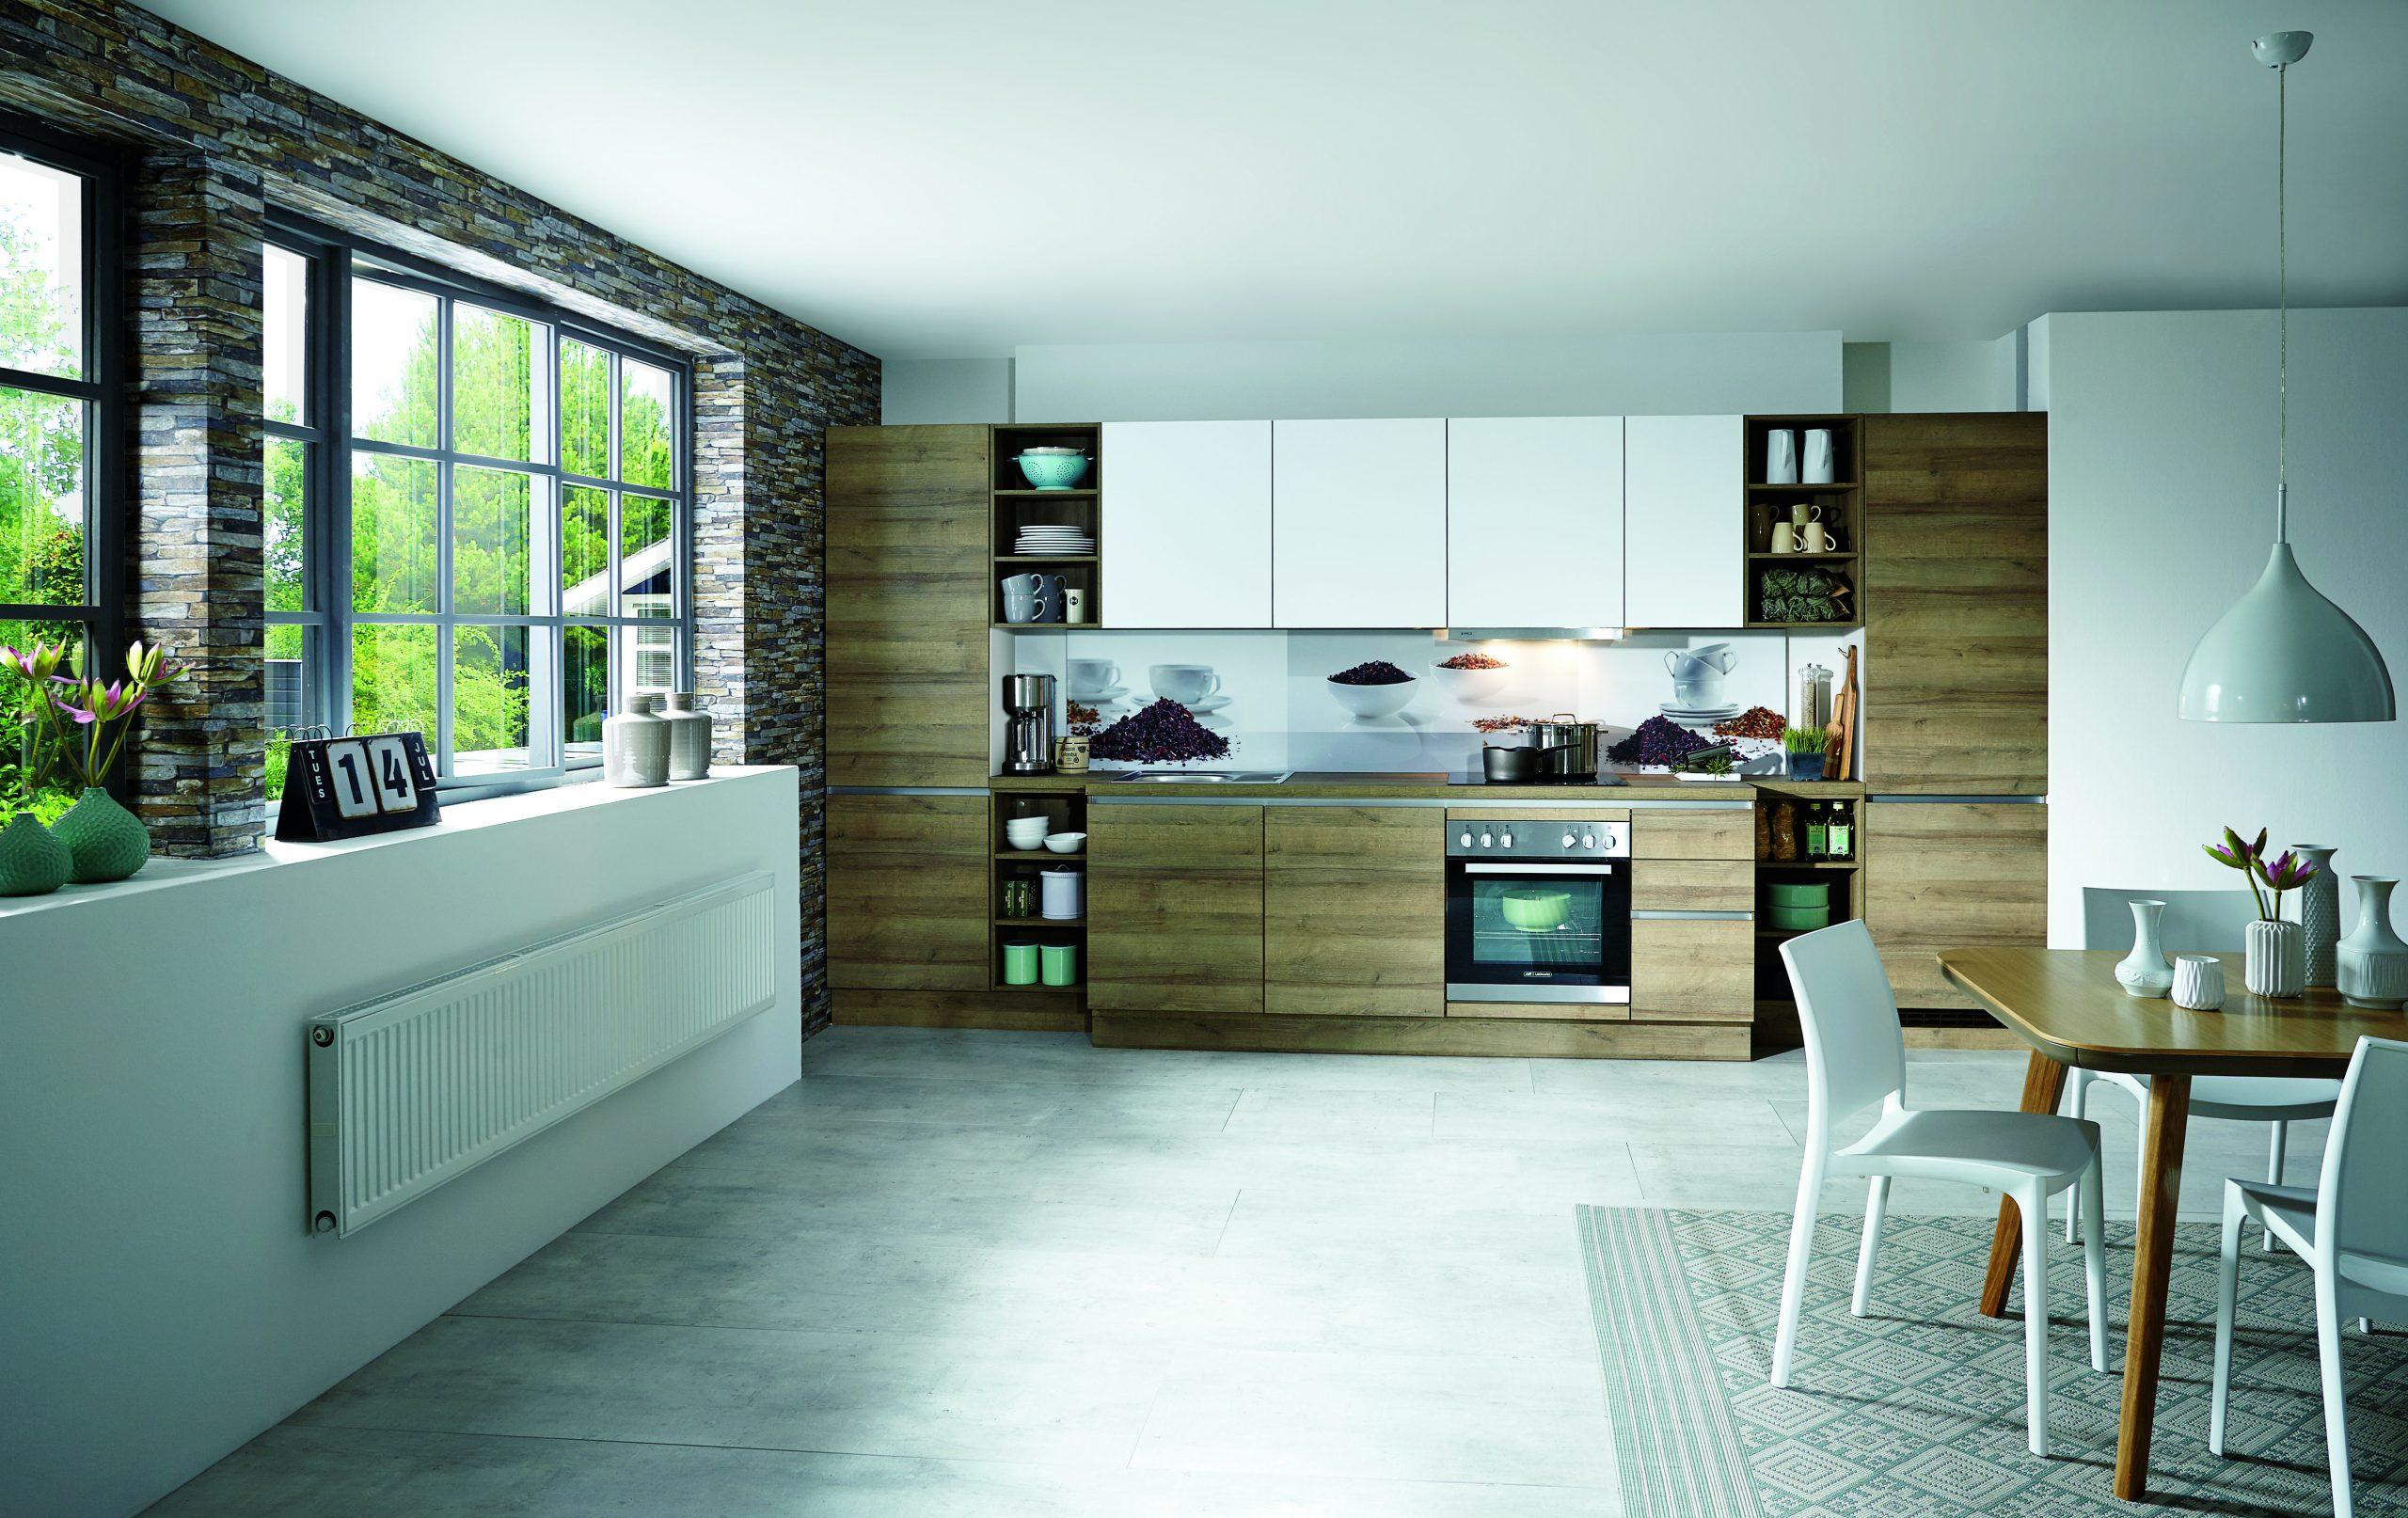 Full Size of Rückwand Outdoor Küche Küchenrückwand Streichen Rückwand Küche Günstig Küchenrückwand Entfernen Küche Nischenrückwand Küche